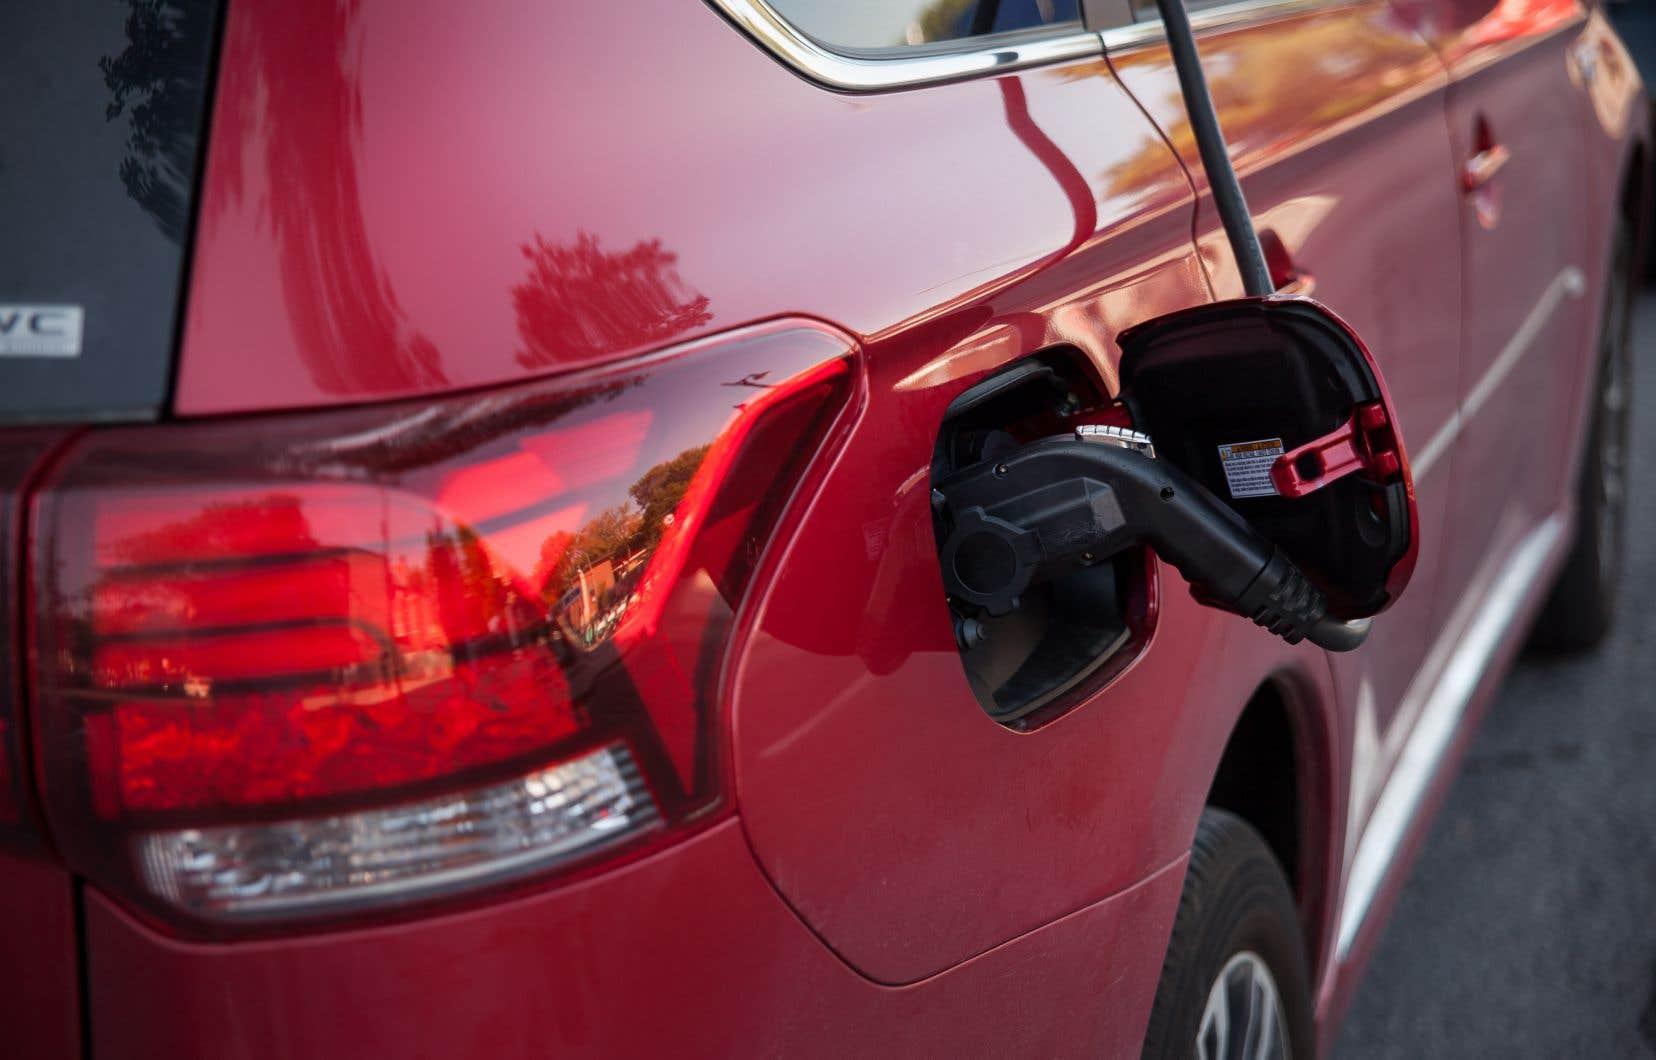 L'objectif des 100000 véhicules électriques en 2020 — en route vers 300000 en 2026 et un million en 2030 — fait partie d'un souhait du gouvernement visant à électrifier le transport pour lutter contre les changements climatiques.